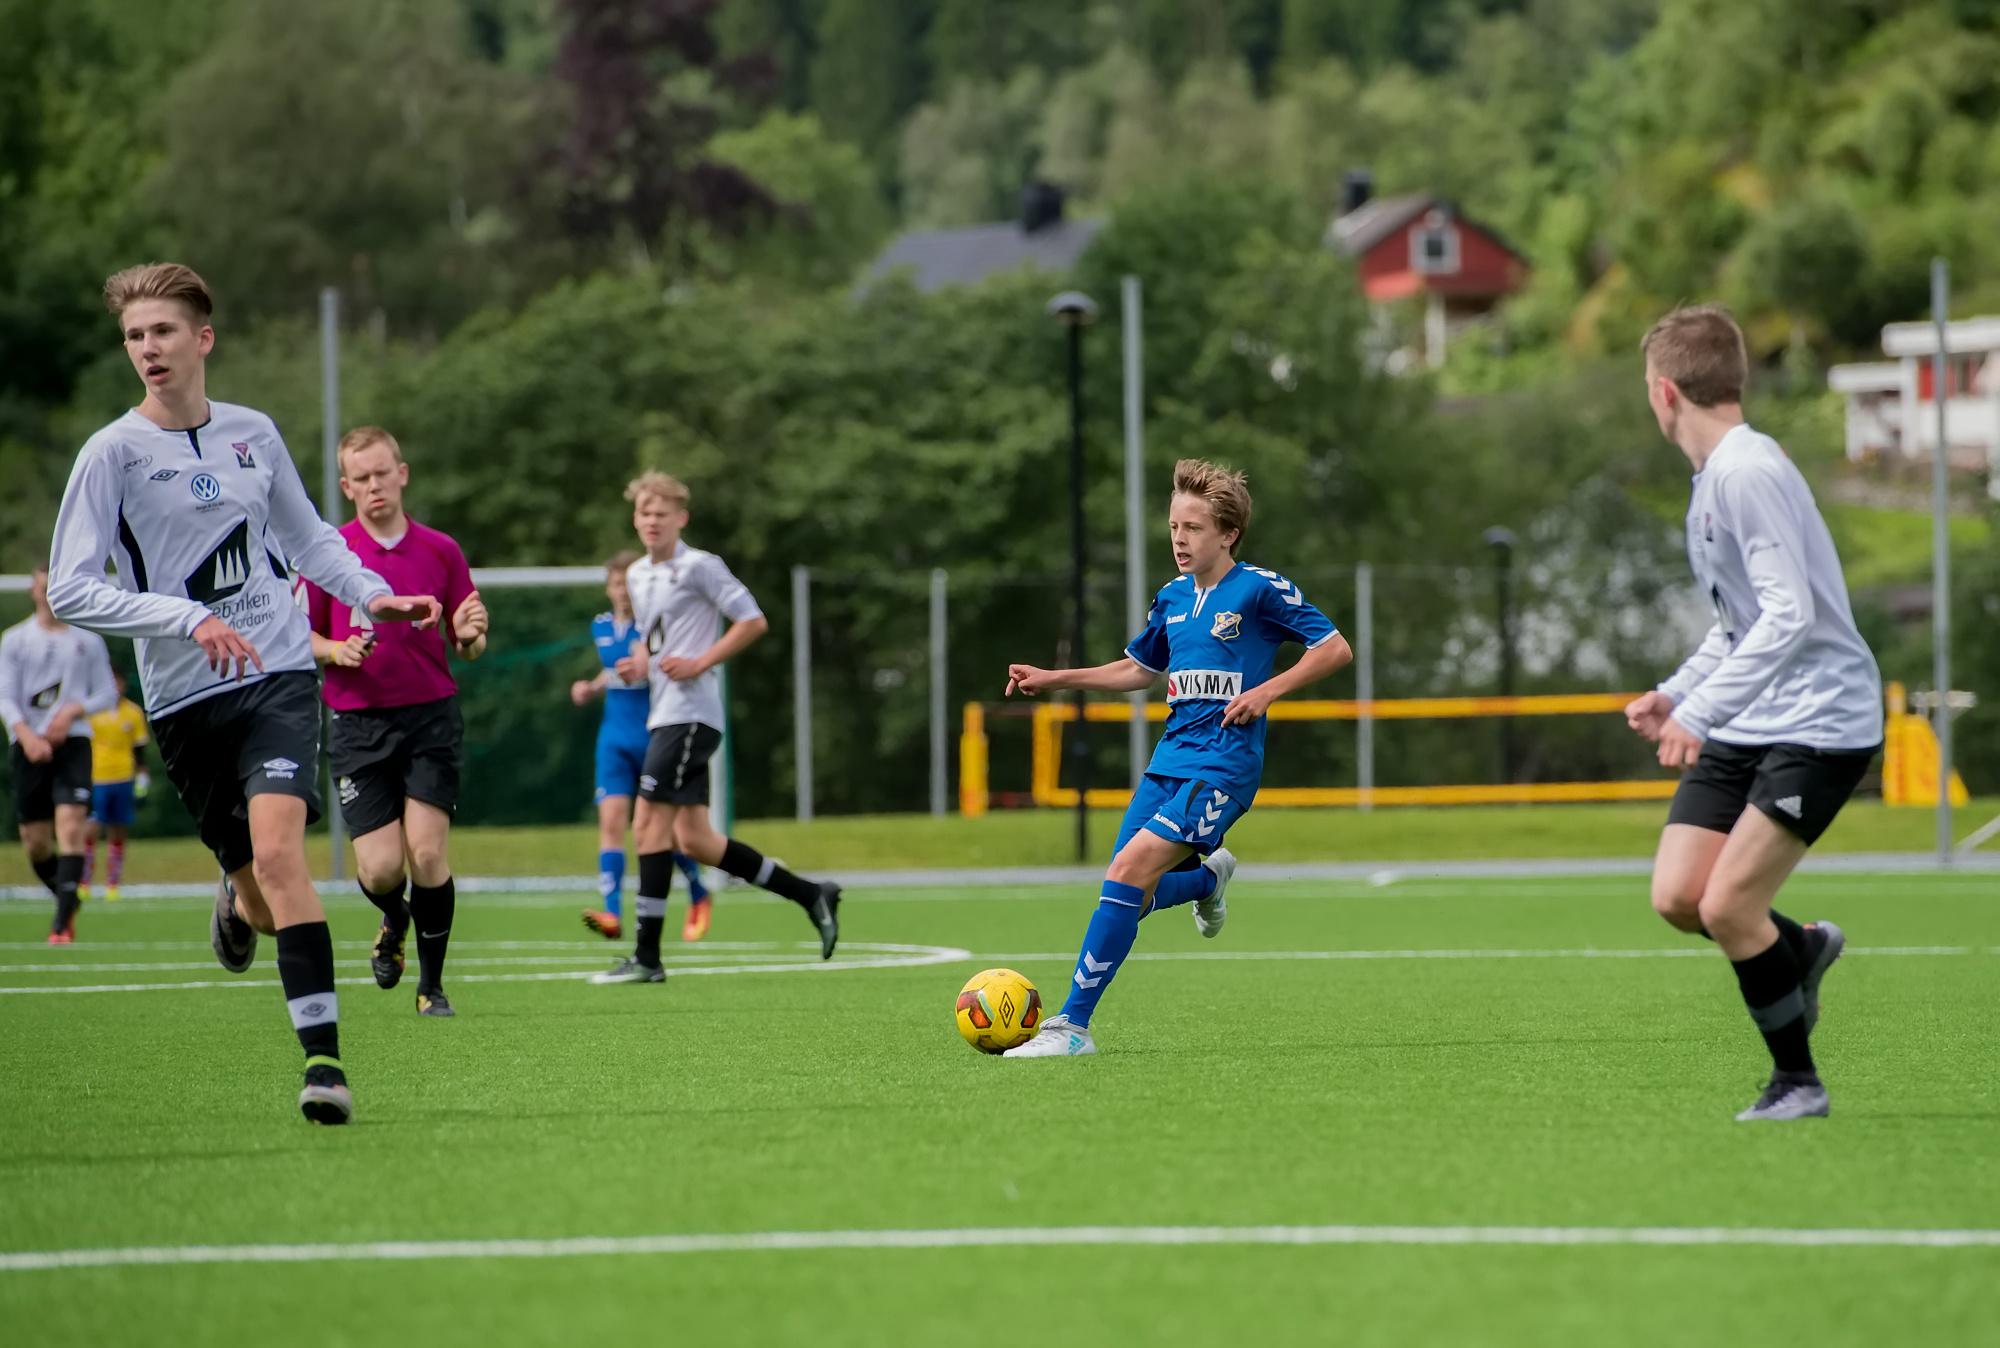 Kampprogrammet er klart for turneringen i Sandefjord!  Alle kampene i puljespillet avvikles på lørdag 12. august, mens sluttspillet foregår søndag formiddag.  Slik spilles alle kampene, inkludert alle potensielle utfall:   Innledende kamper i pulje D    (ekstern lenke til turneringens hjemmesider)   Storstadion — 11.00, Lyn2 — Søgne1 Storstadion — 12.40, Lyn2 — Nesøya Storstadion — 16.00, Stokke - Lyn2  Sluttspill: Dersom vinner av pulje D Fram2 — 12.00, mot vinner av kamp 5832 (C1/G2) Fram1 — 14.40, semifinale Fram1 — 16.30, finale  Dersom sølvvinner i pulje D Fram2 — 10.10, mot C2 (Klemetsrud1, Lyn Fotball3, Nordnes, United Hole) Fram2 — 12.50, mot G1 (Lier, Oppsal1, Ringsaker/Nes, Store Bergan) Fram1 — 16.30, finale  Dersom 3. Plass i pulje D Storstadion — 12.00 (C3/G4) Storstadion — 14.40 Semifinale Gamle Stadion — 16.30, finale  Dersom 4. Plass i pulje D Storstadion — 10.10, mot C4 (Klemetsrud1, Lyn Fotball3, Nordnes, United Hole)    Praktisk info om reisen og cupen  Turneringsavgiften (3500) er allerede dekket av onkel Rolf-Magne i Lyn, og følgelig er kostnadene nede i spilleravgift (220 per spiller), pluss matutgifter. Planlegger en stoshopping på vei ned, og at vi tilbereder alle måltider selv.  Vi har ikke lykkes med å få til en ekstra hytte i Vestfold, og følgelig må noen spillere trolig pendle med en bil. Vi kommer til å reise ned lørdag morgen, og hjem etter en bankett med grillings på hytta til Alex (med et lite værforbehold).  Vi kommer til å trenge ca fem biler der nede, og trenger noen foreldre som kan være med på tur og også noen som kan kjøre ned på dagsturer enten lørdag eller søndag.  Kampene spilles 2x20 minutter og i sluttspillet blir det 5 min sudden death dersom uavgjort, deretter flest cornere gjennom hele kampen og til slutt loddtrekning.   Foreløpig tropp (påmeldt i Spond)  Tim Didrik Thomas Victor Alexander L Hans August Sebastian Scott Frede Kasper Lars Håkon Jireh Alexander S